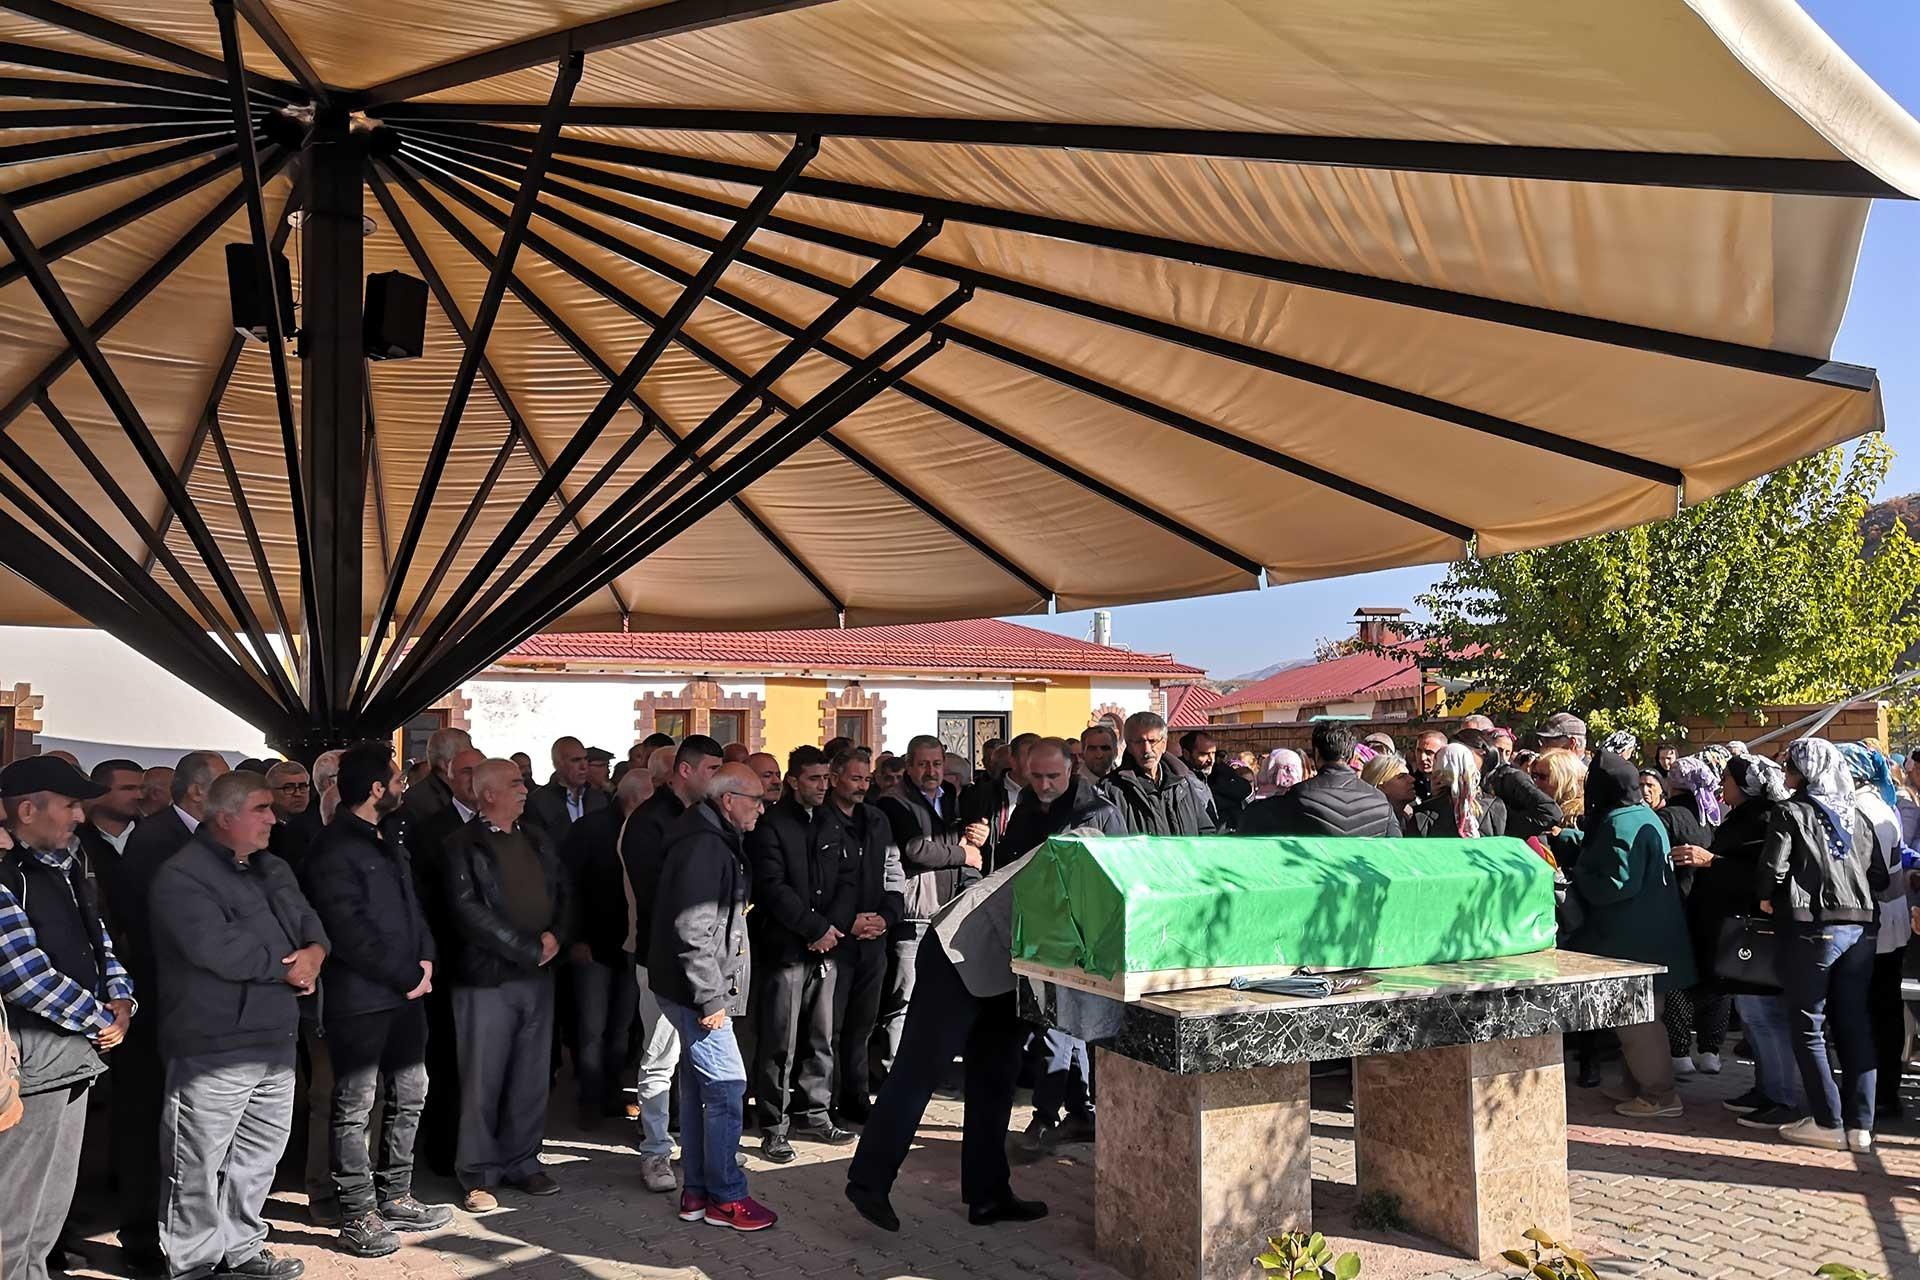 Yaşamına son veren Öğretmen Esat Tarhan'ın cenazesi memleketi Dersim'de toprağa verilirken.